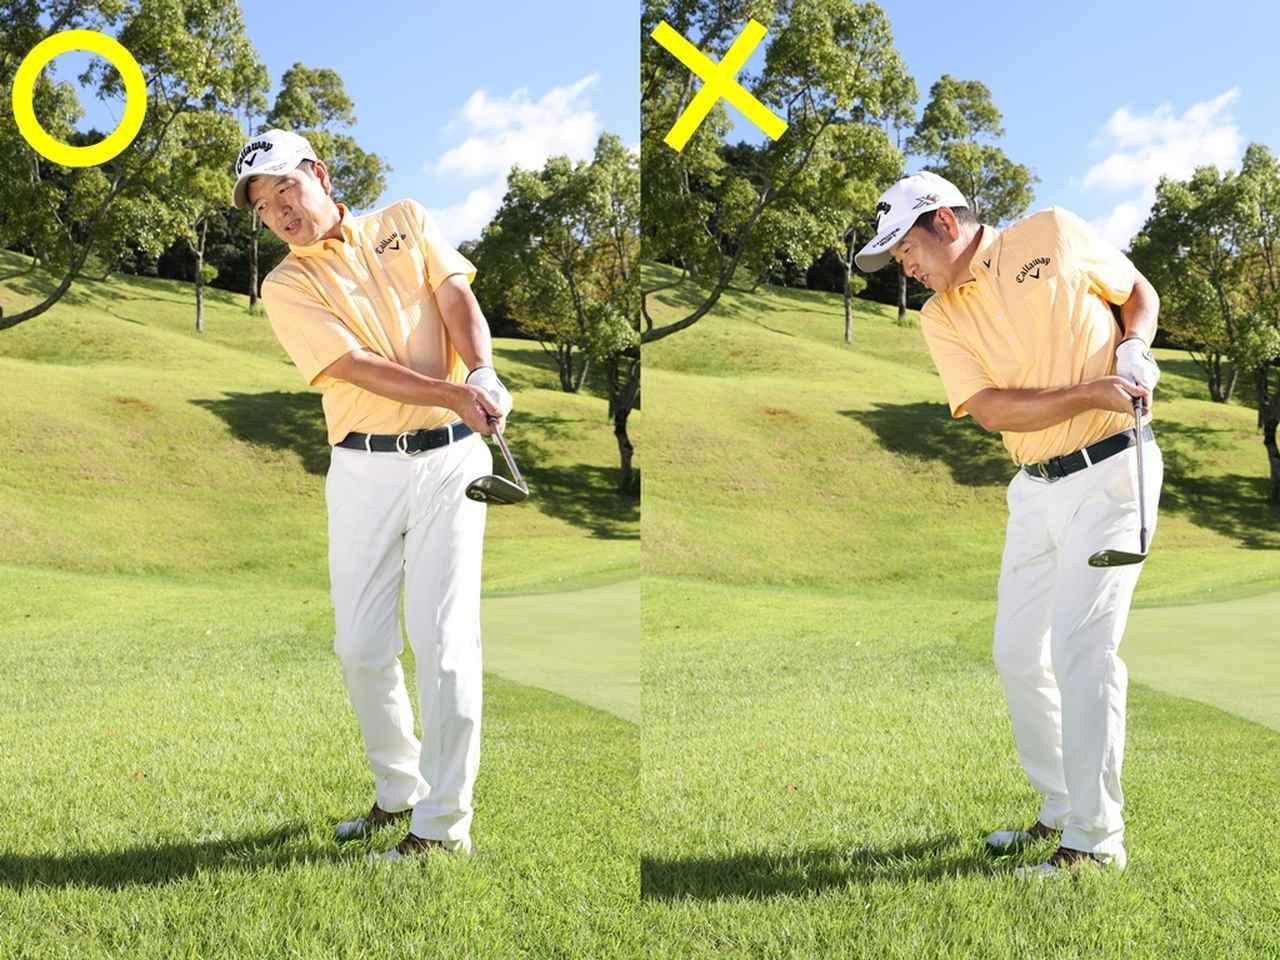 画像: 左ひじを引くとダルマ落としになりやすい